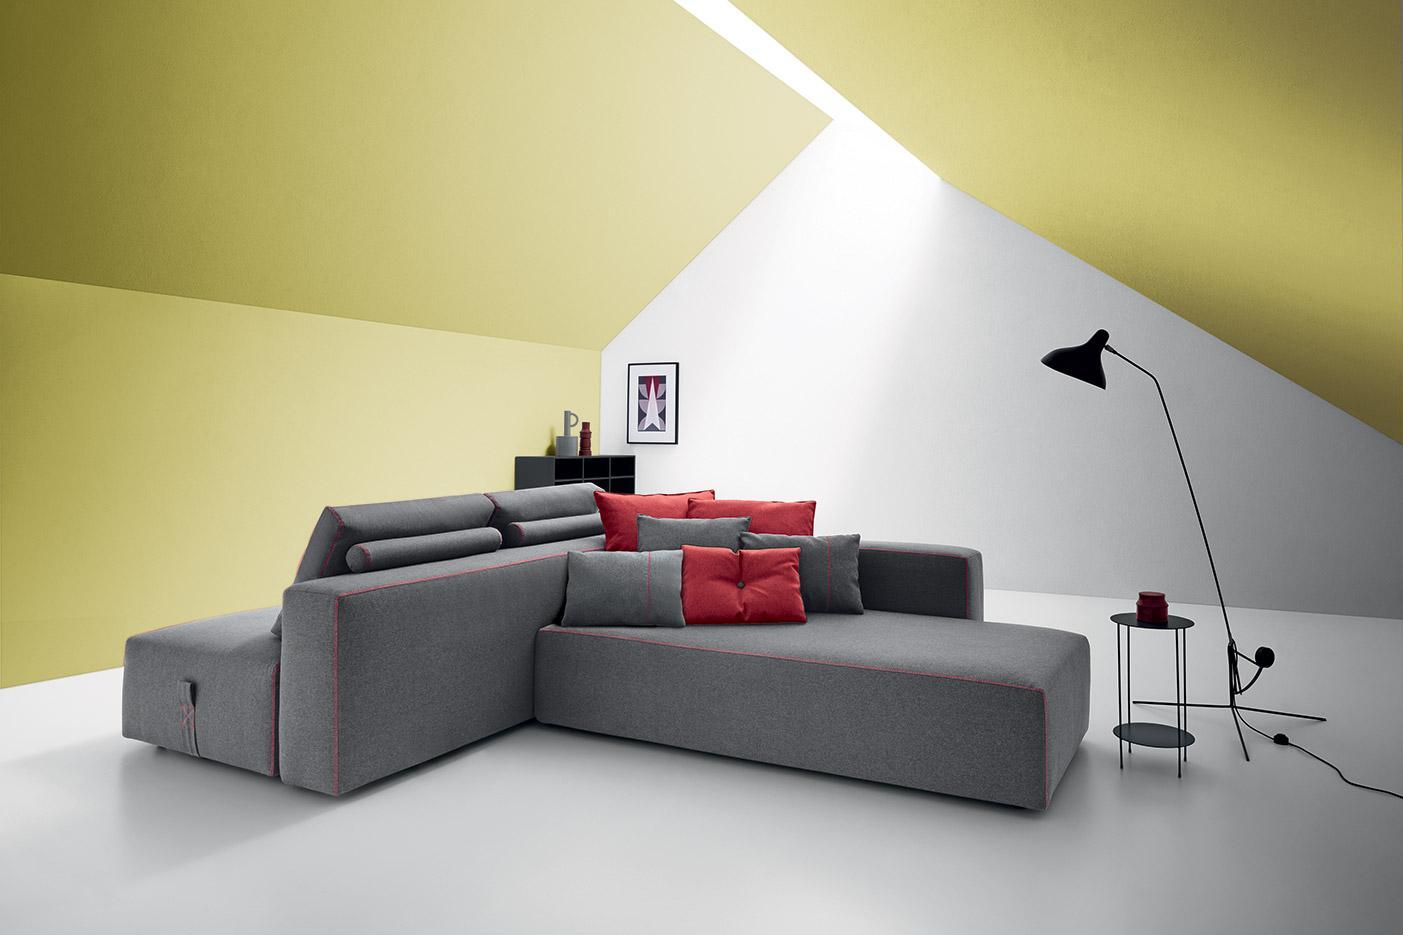 double side fabric sofa, two sided sofa , indoor fabric sofa , kanapes gkrizos me kokkines rafes kai maxilarakia, monternos kanapes ifasmatos diplis opsis,